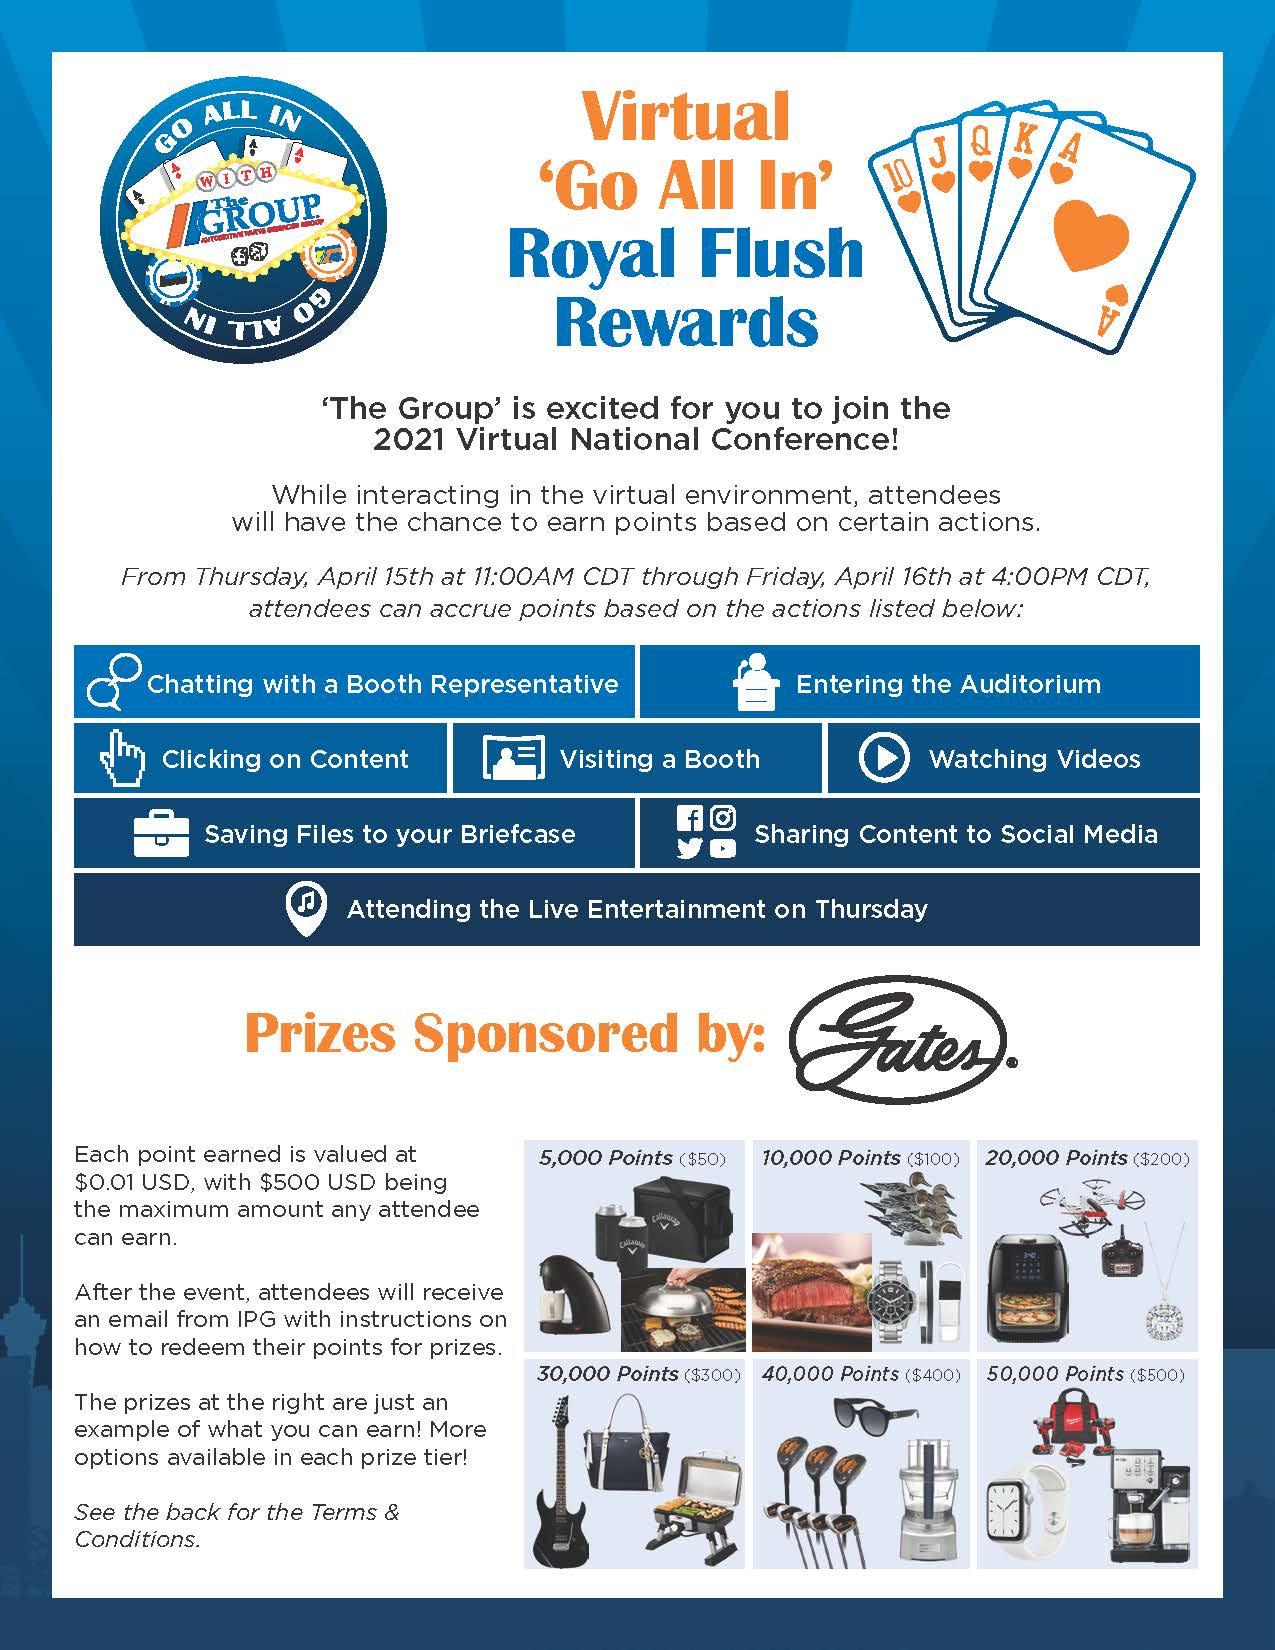 Royal Flush Rewards